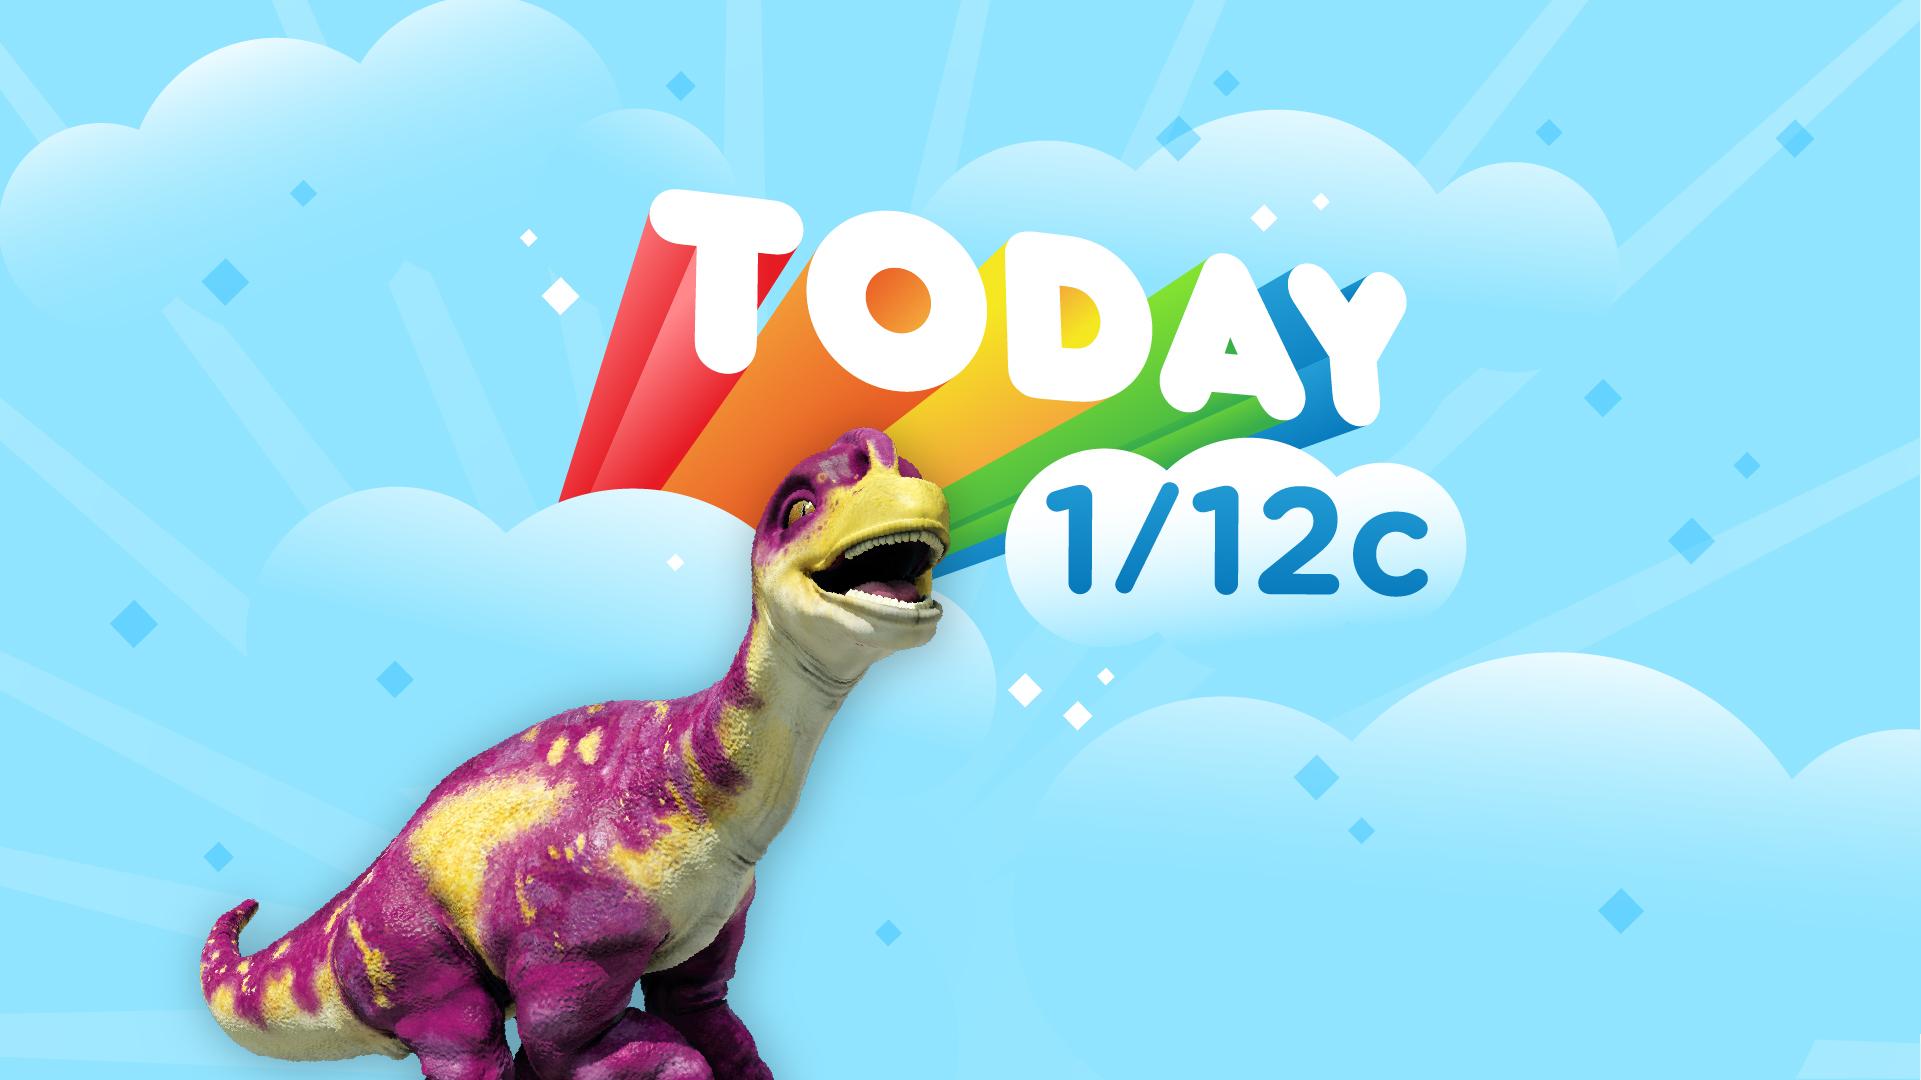 Satur-Yay_DinoDan_RD2_Today-01.jpg